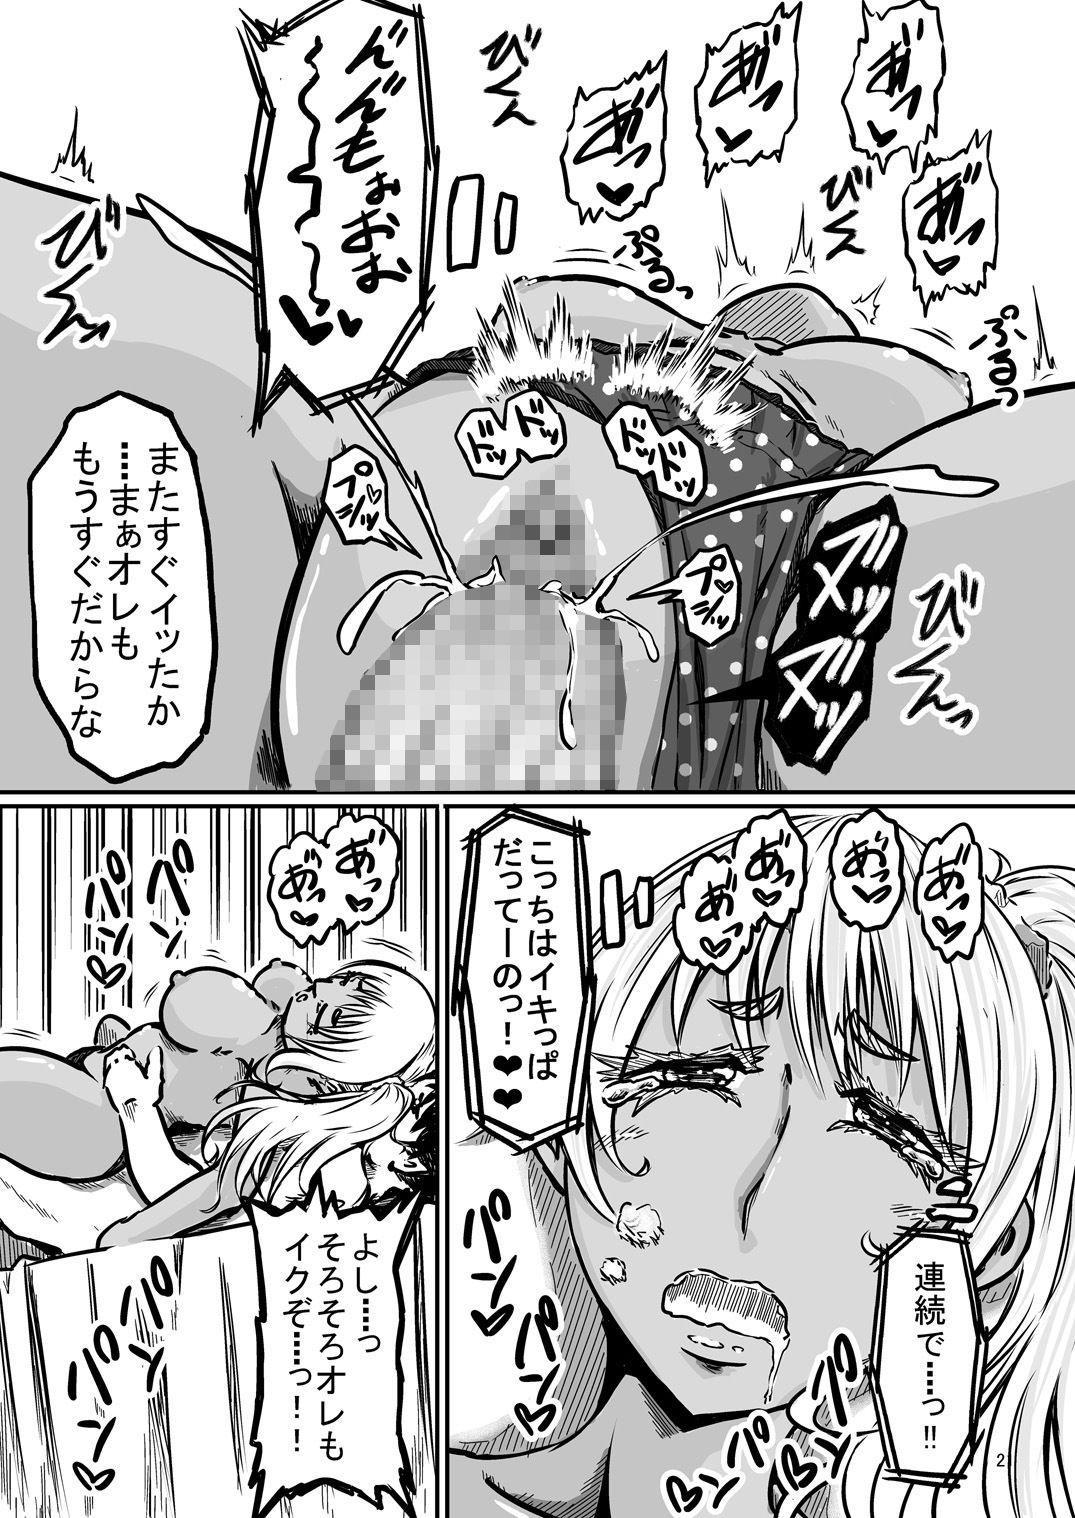 仲尾先生の秘密の生徒名簿シリーズまとめ本